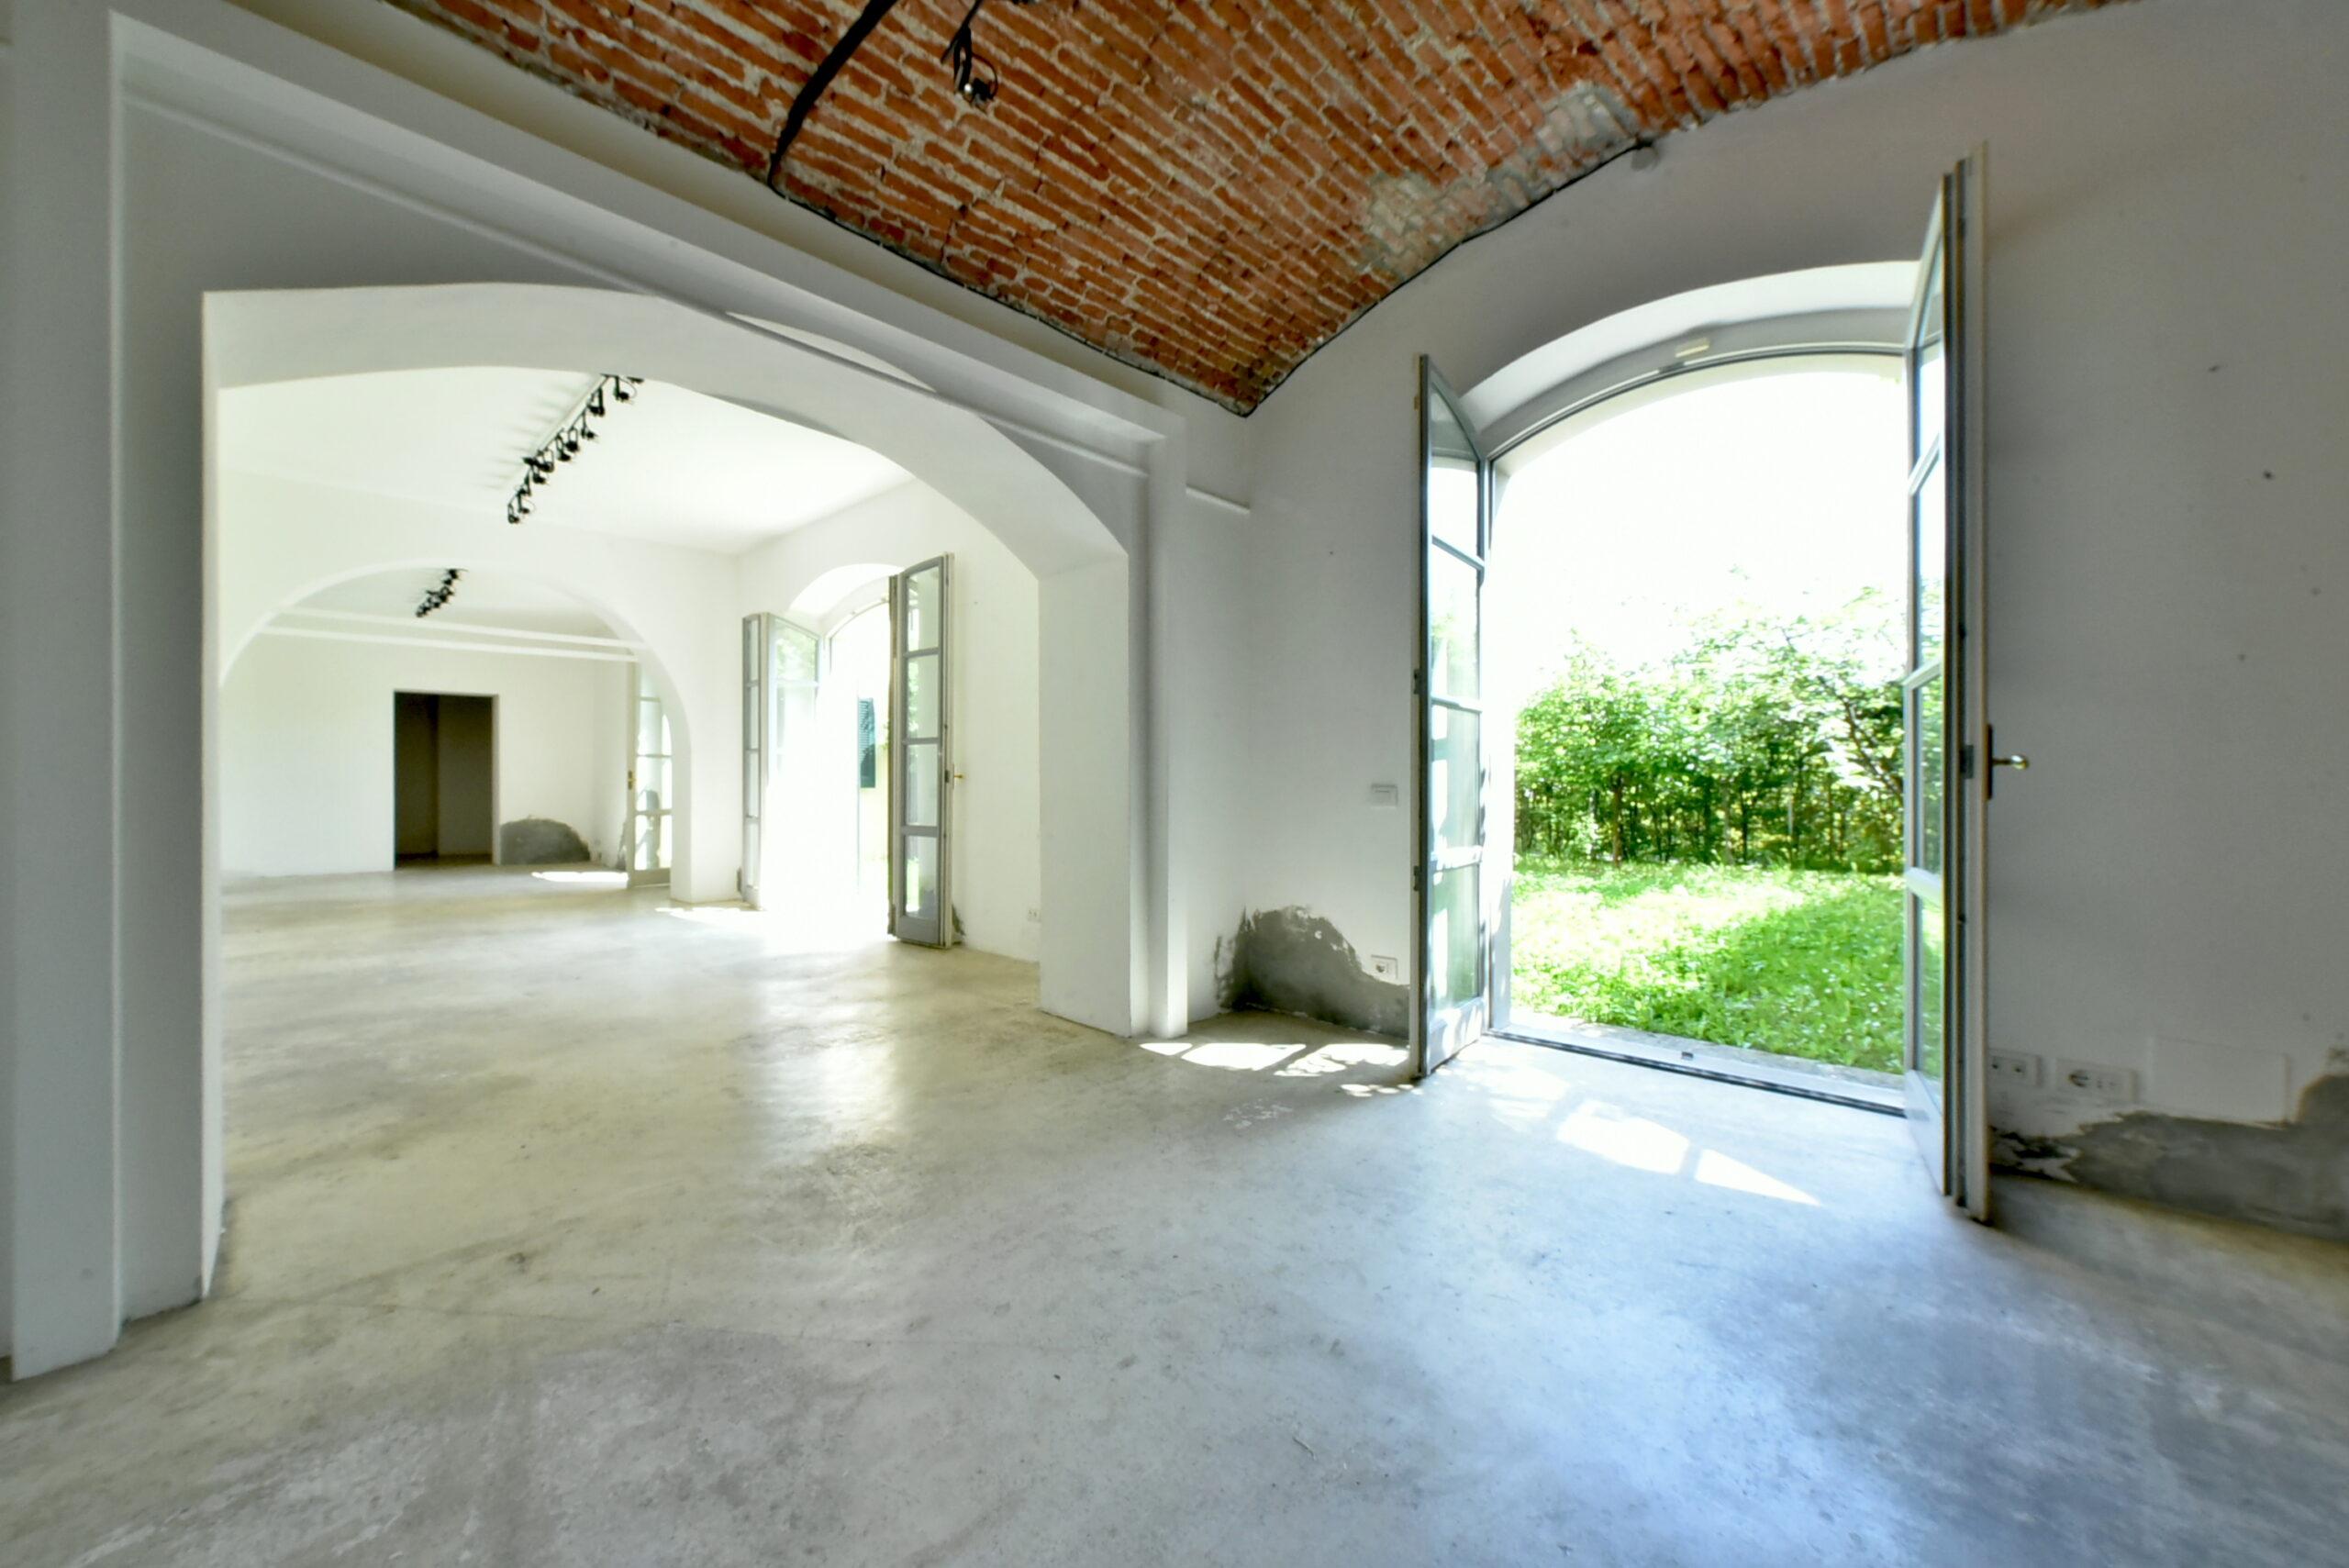 Via Lodovico Il Moro – Splendida Location Con Giardino;